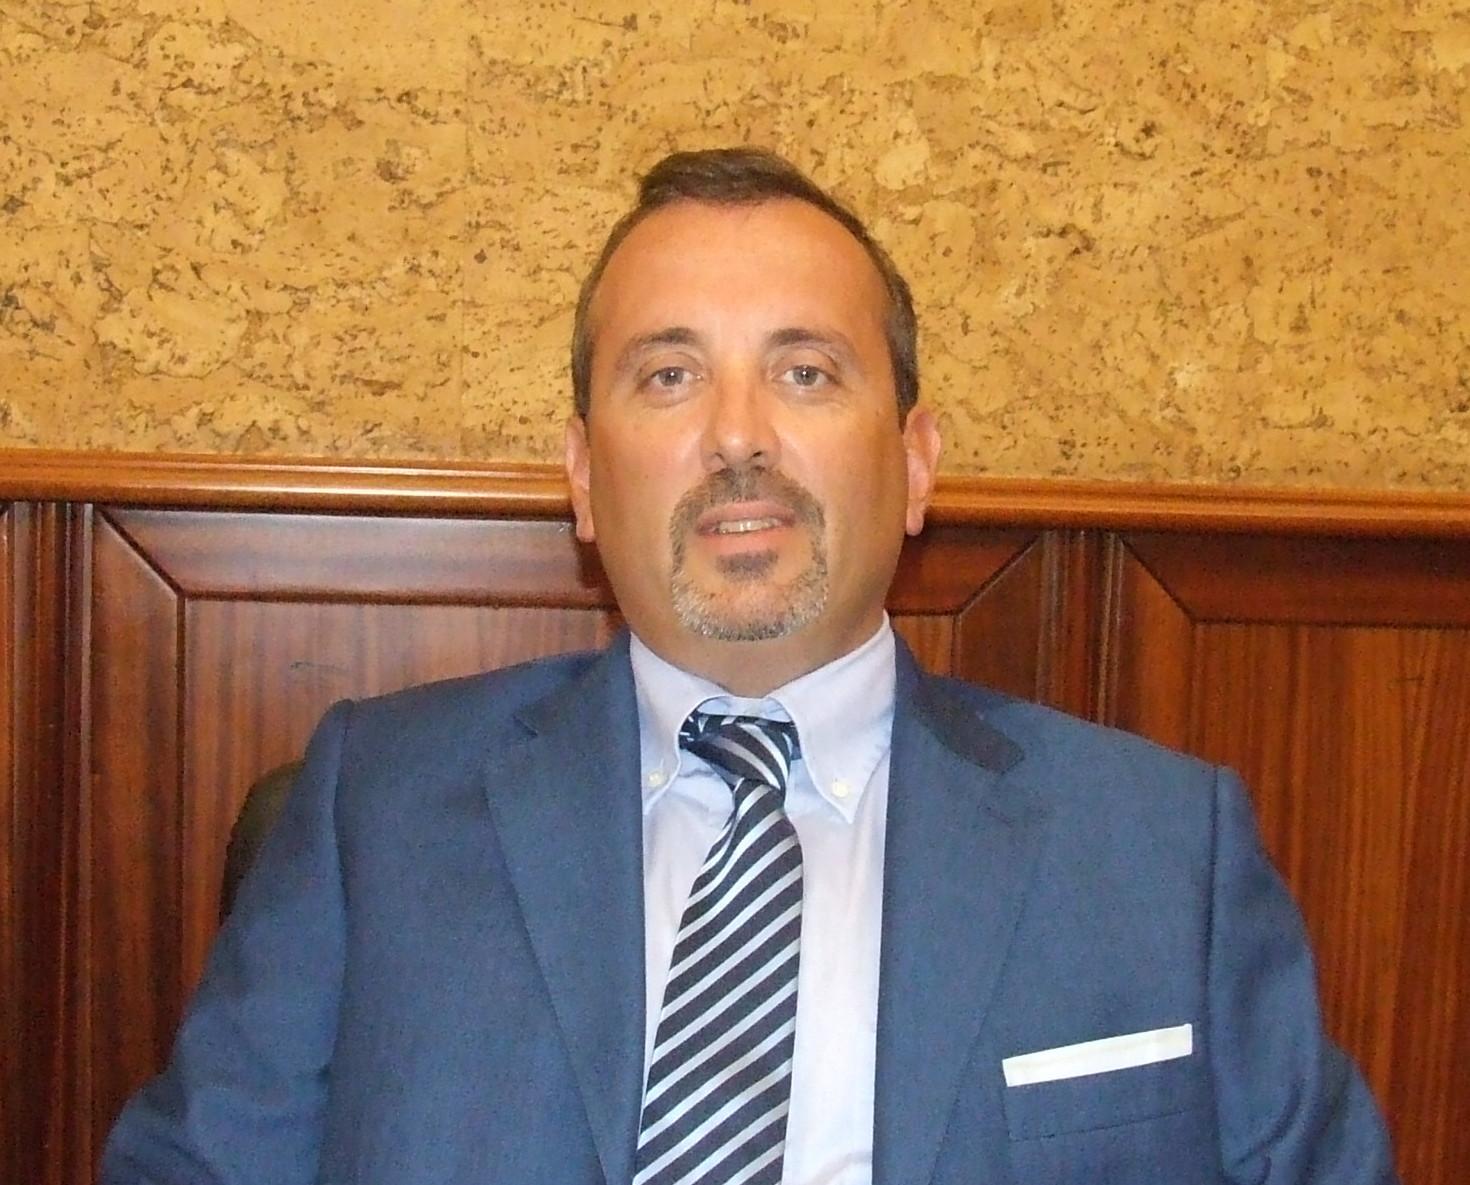 """Marrone: """"Chiudiamo il Paolo Borsellino"""". Il provocatorio intervento del Consigliere per denunciare i disservizi"""